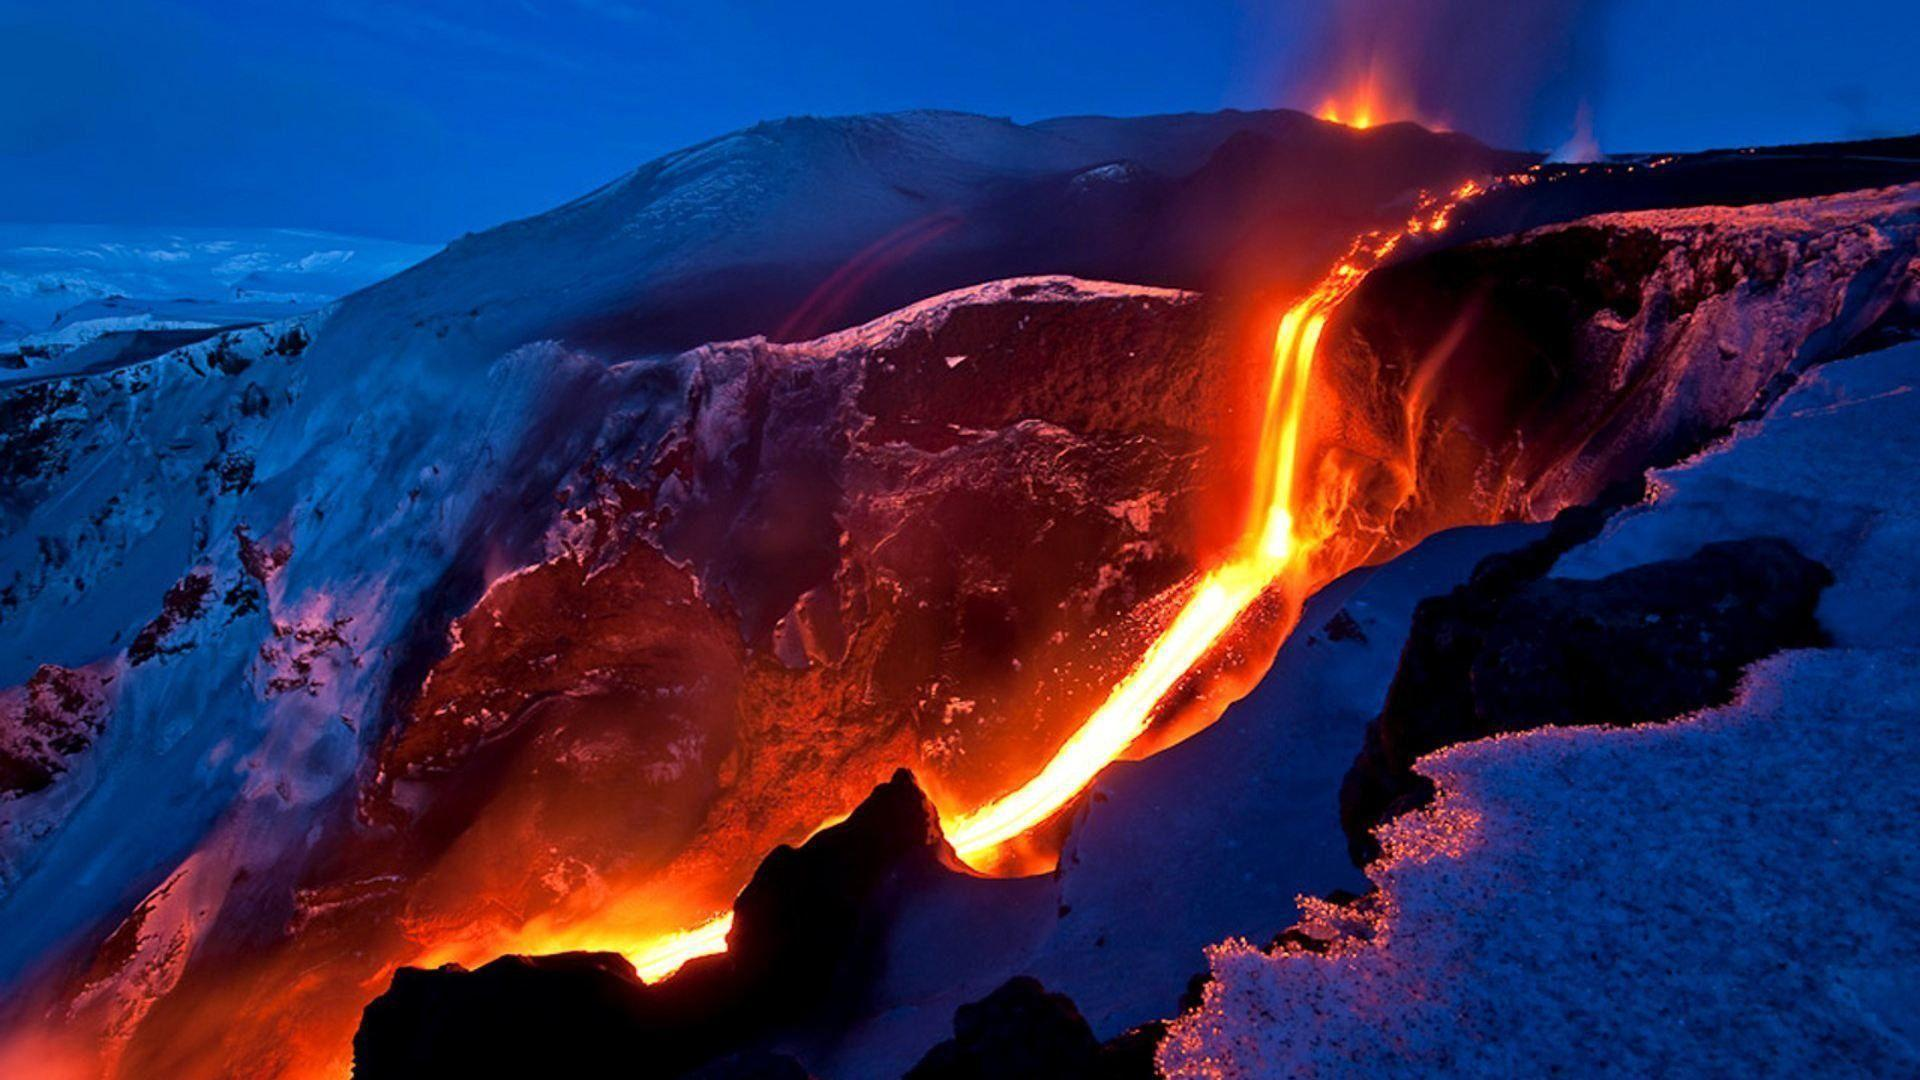 vulkan-hd